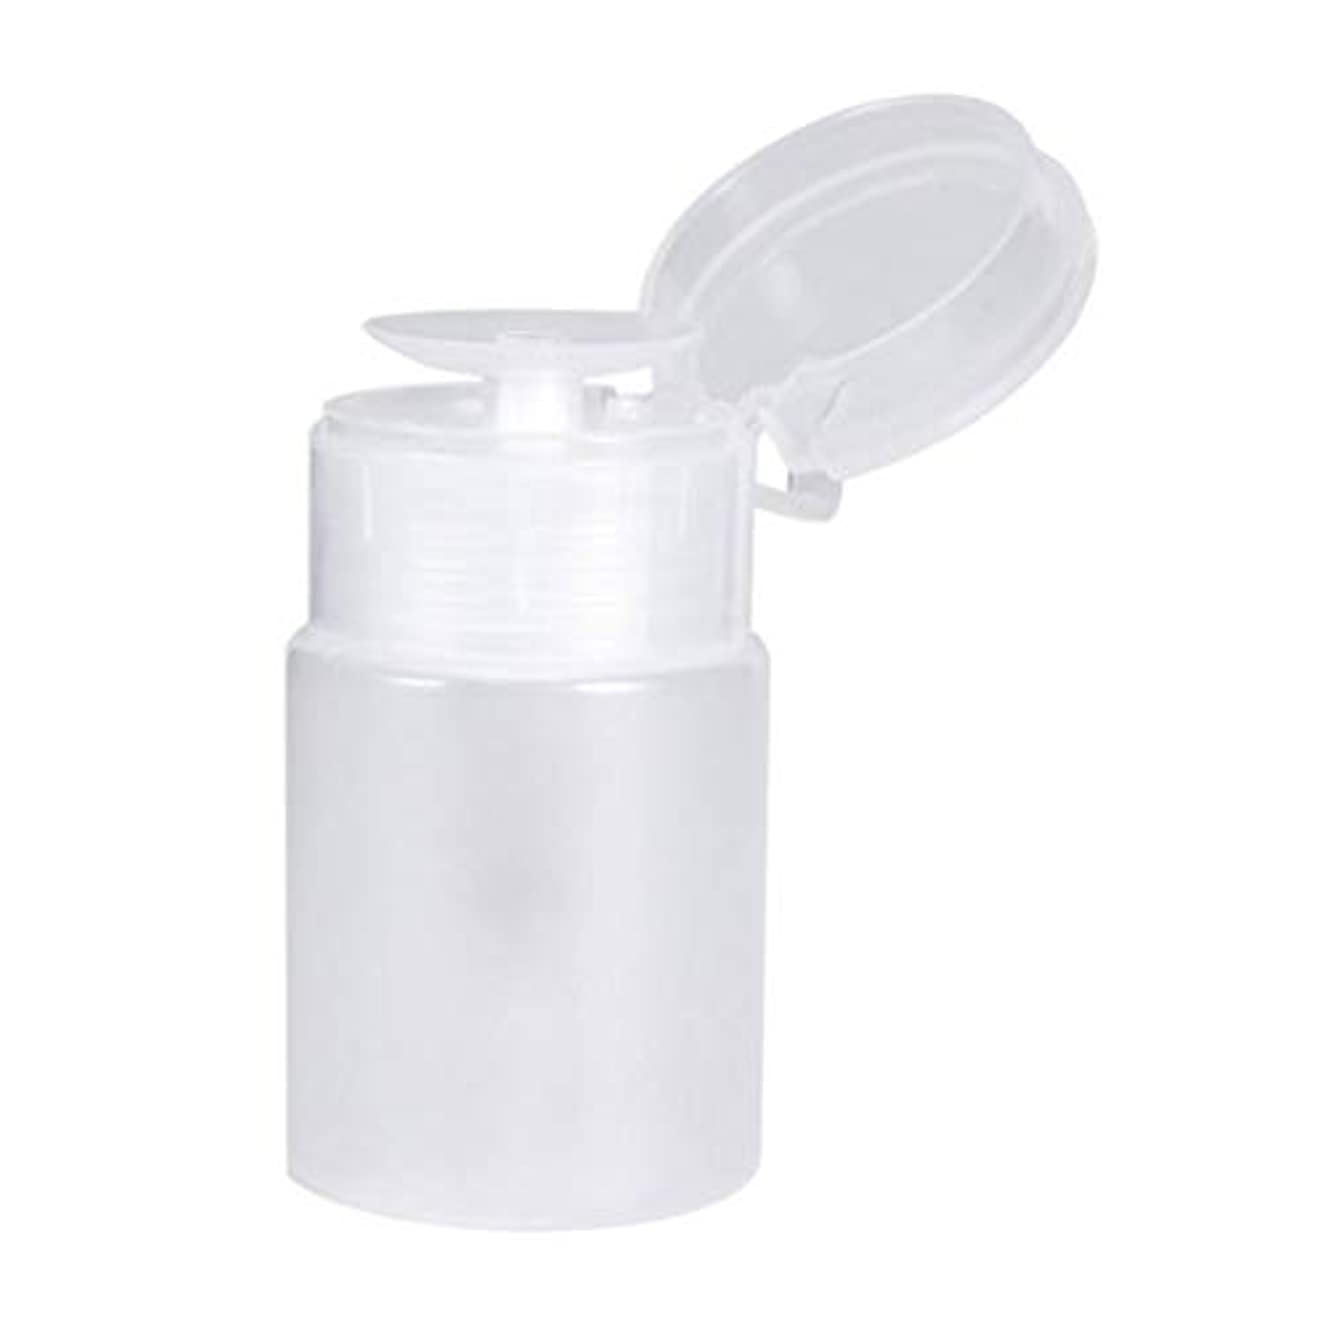 詩人相対サイズモンゴメリーボトルロックプレスボトルディスペンサーポンプボトルネイルアートアセトンクレンジングマニキュア、150ML (01)